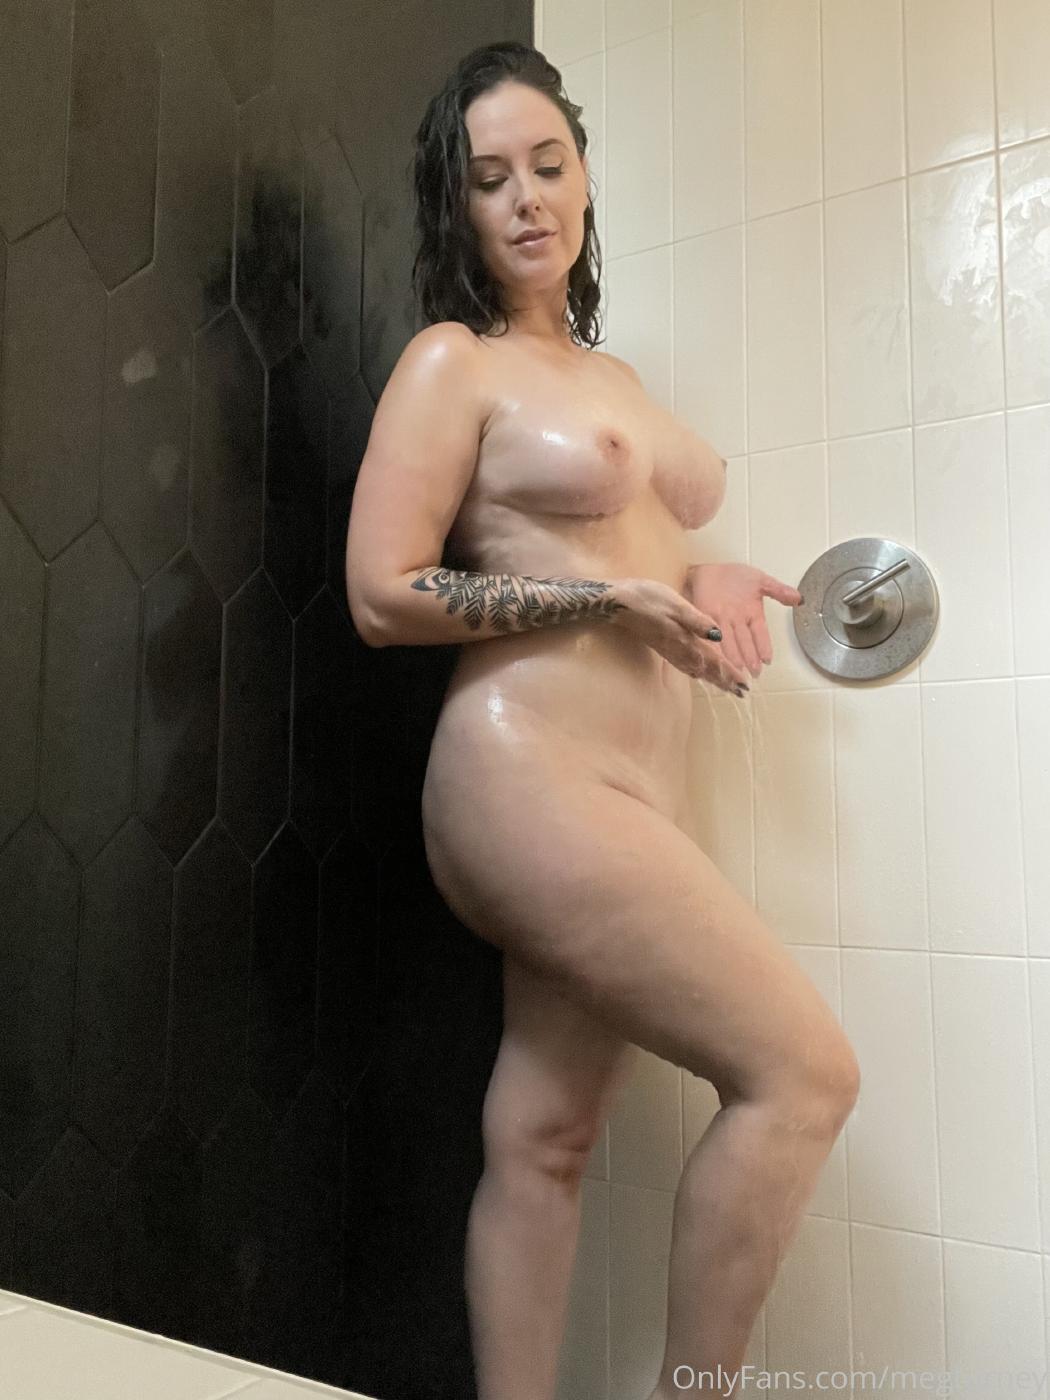 Meg Turney Nude Shower Candids Onlyfans Set Leaked Mdvvbt